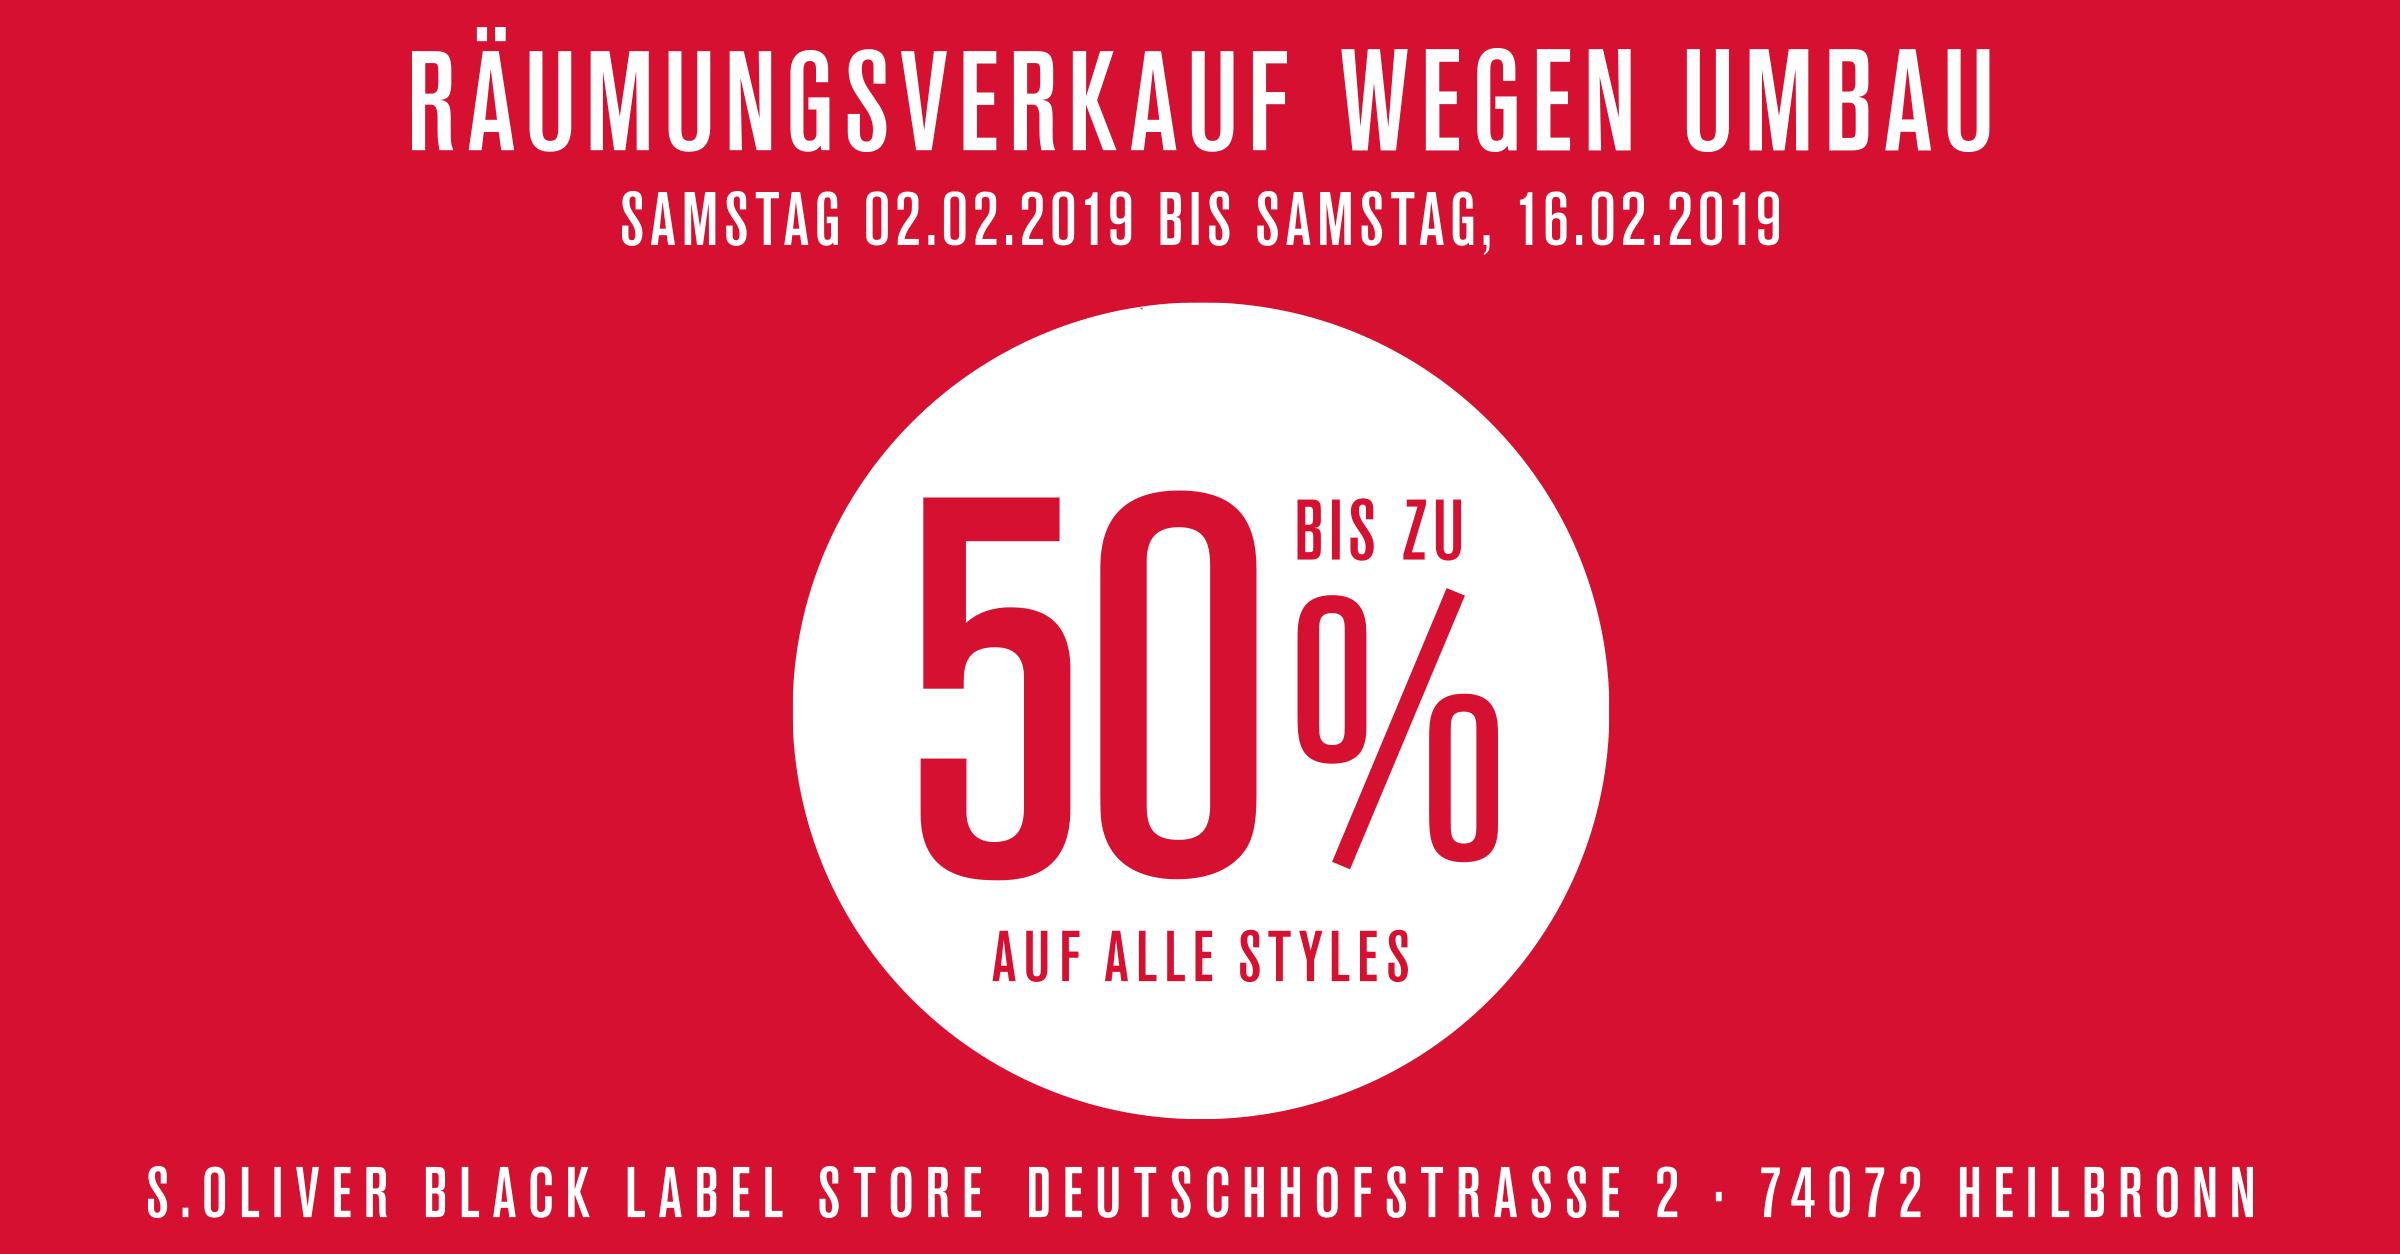 Räumungsverkauf im s.Oliver BLACK LABEL Store Heilbronn